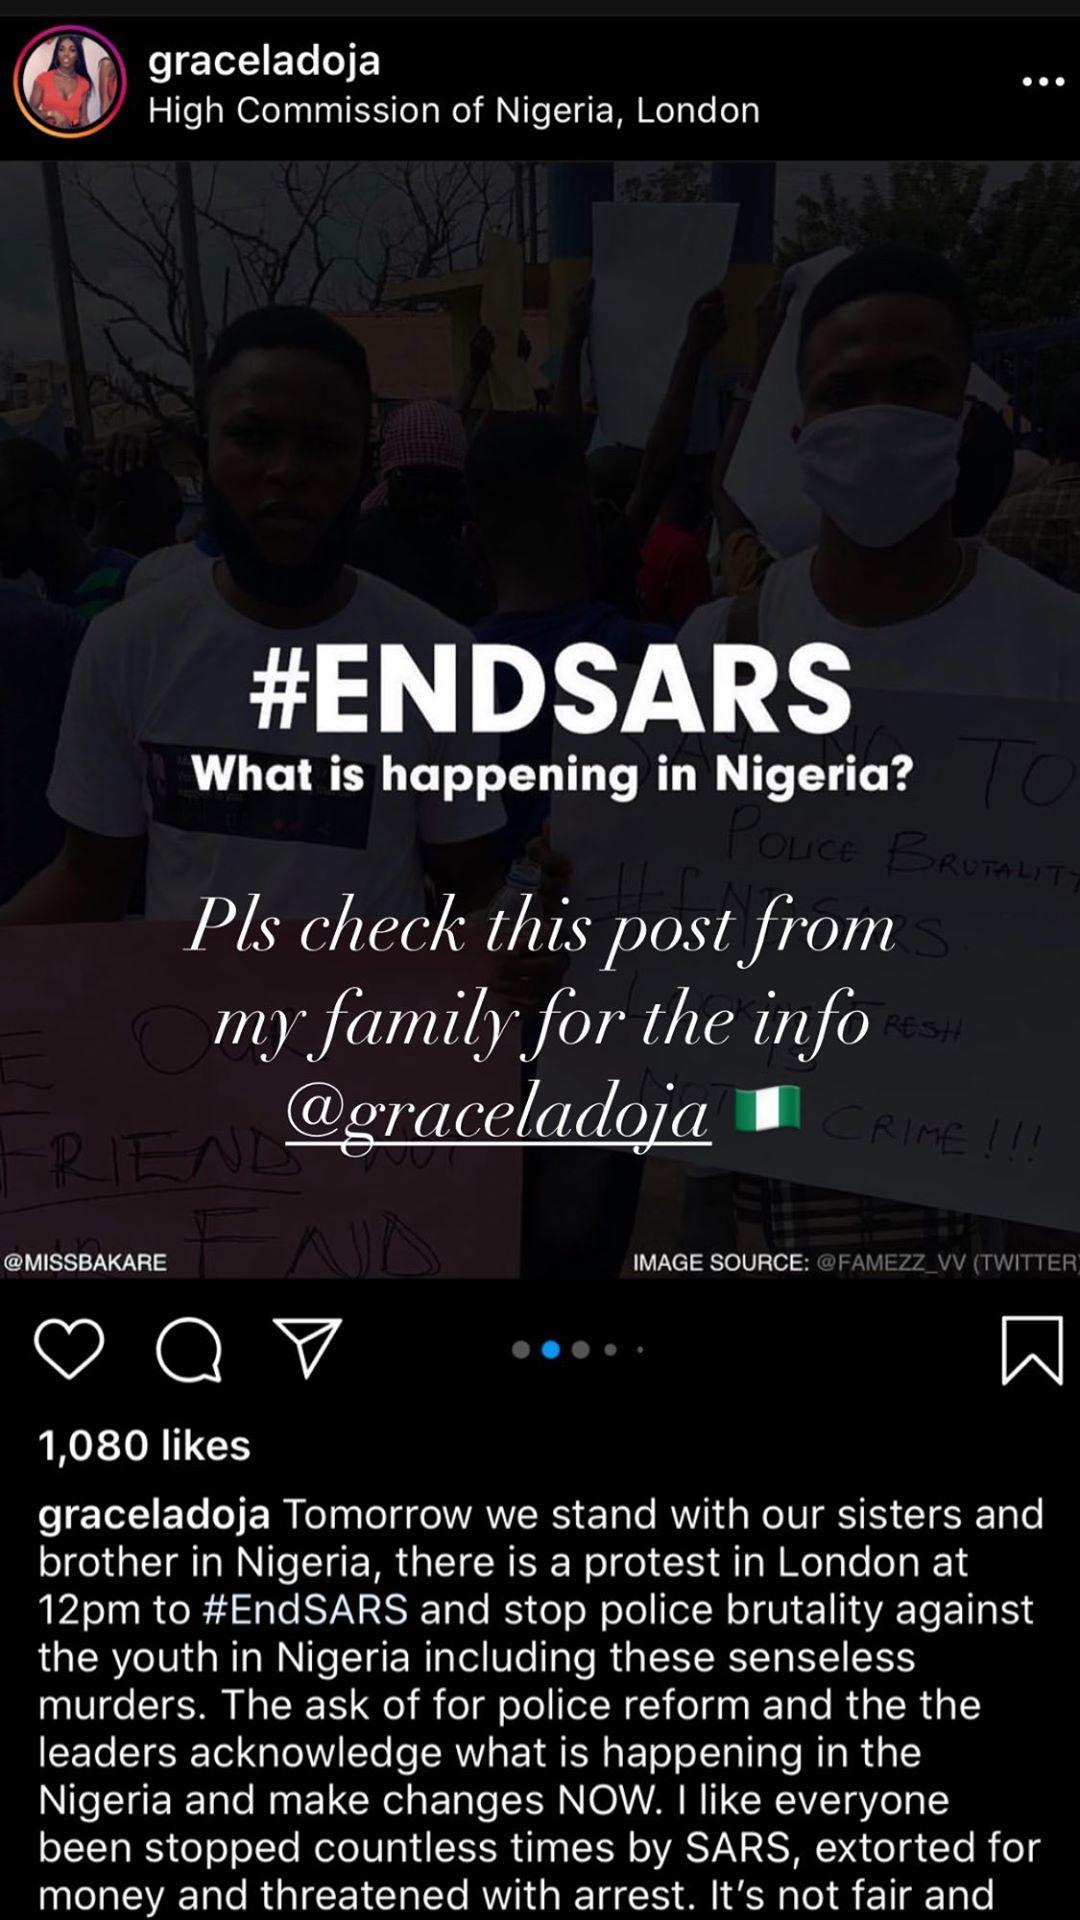 Drake joins the #EndSars protest in Nigeria [Instagram/ChampagnePapi]